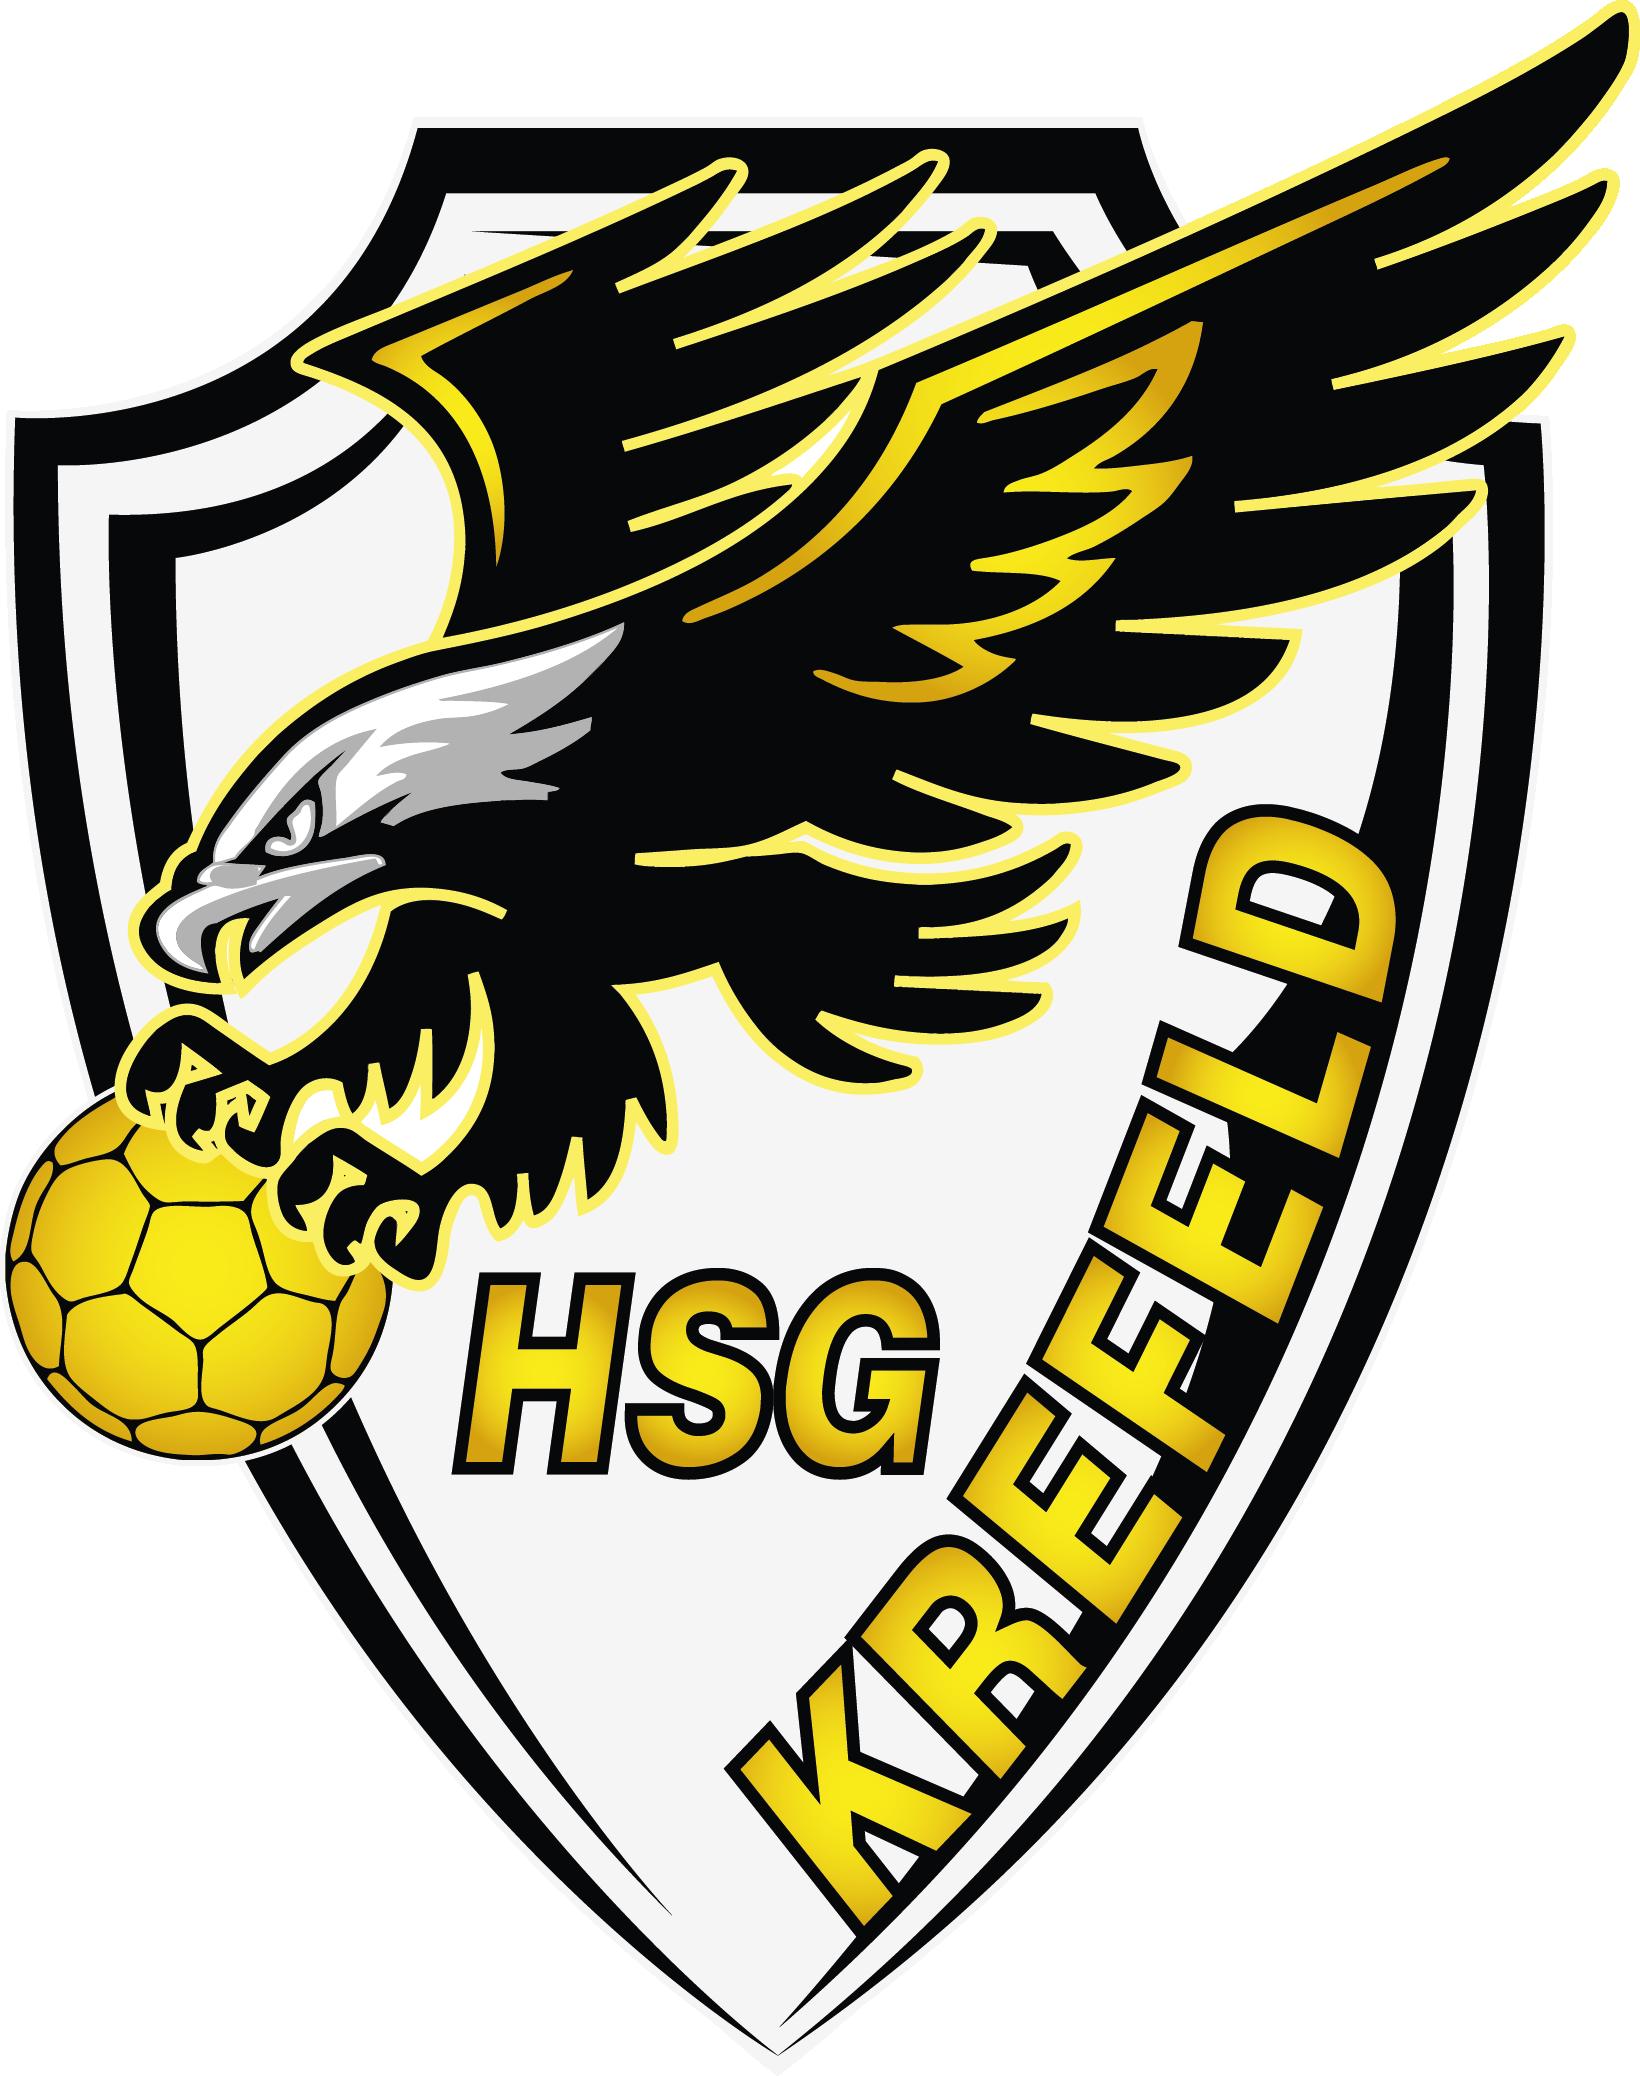 HSG Krefeld